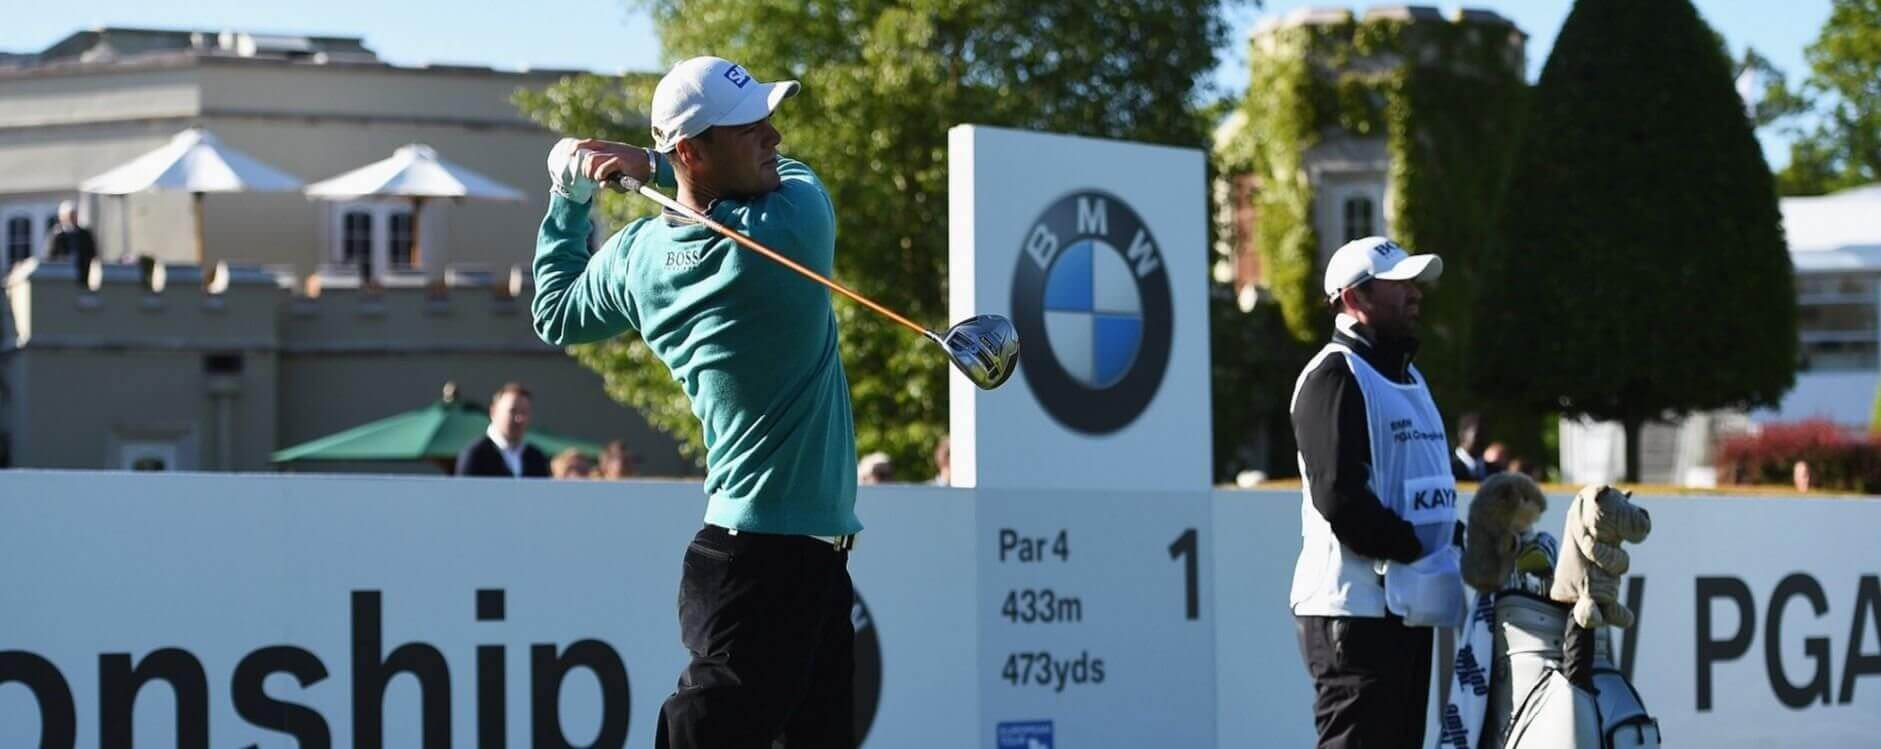 Golfnyheter - GolfWeek